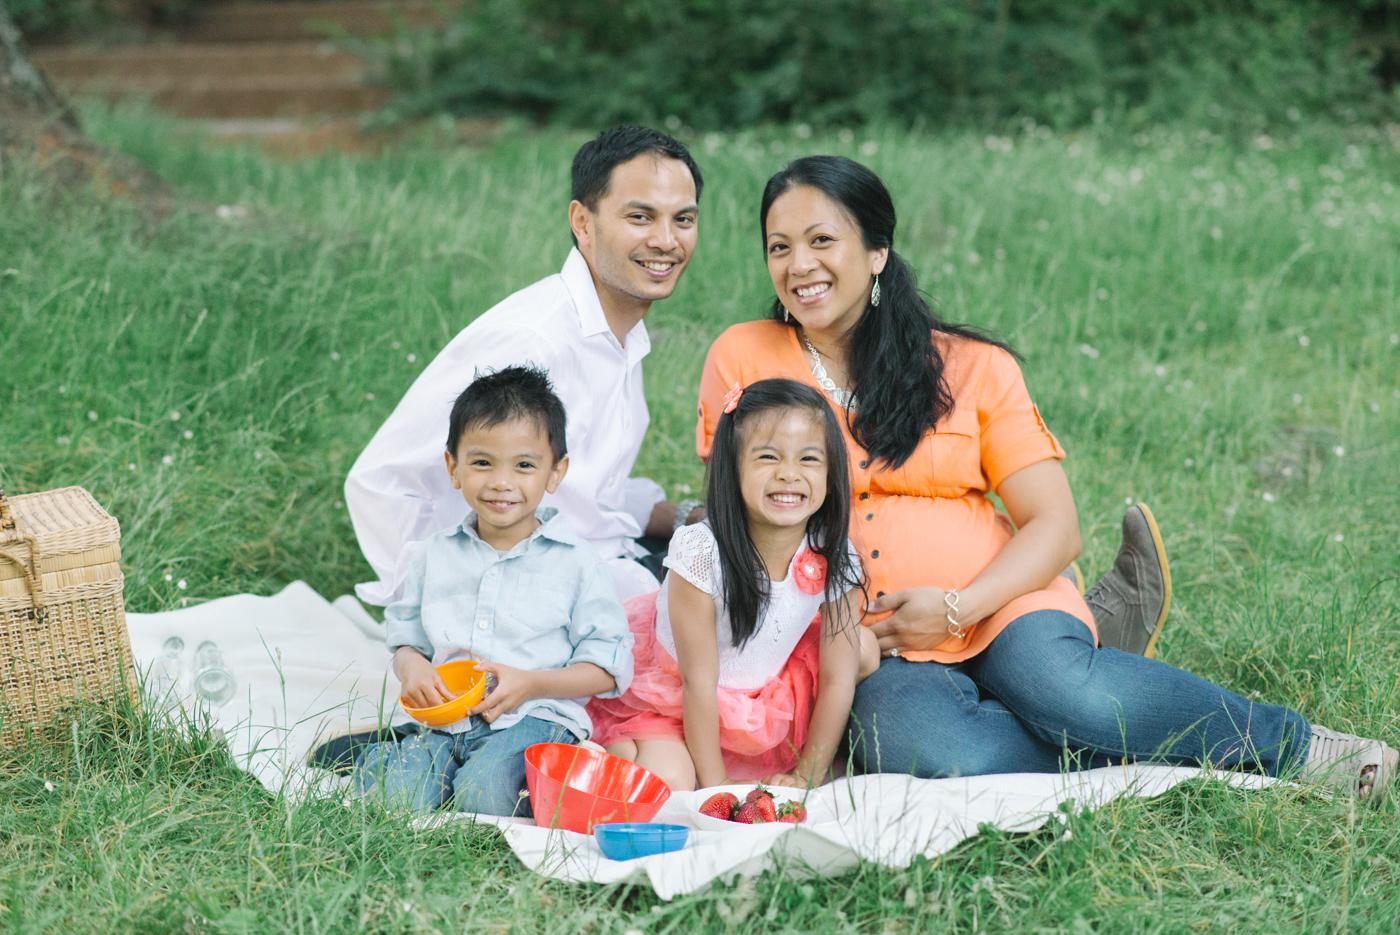 Portland-Oregon-family-maternity-photographer-Hoyt-Arboretum-Washington-Park-professional-session-photos-natural-woodland-18